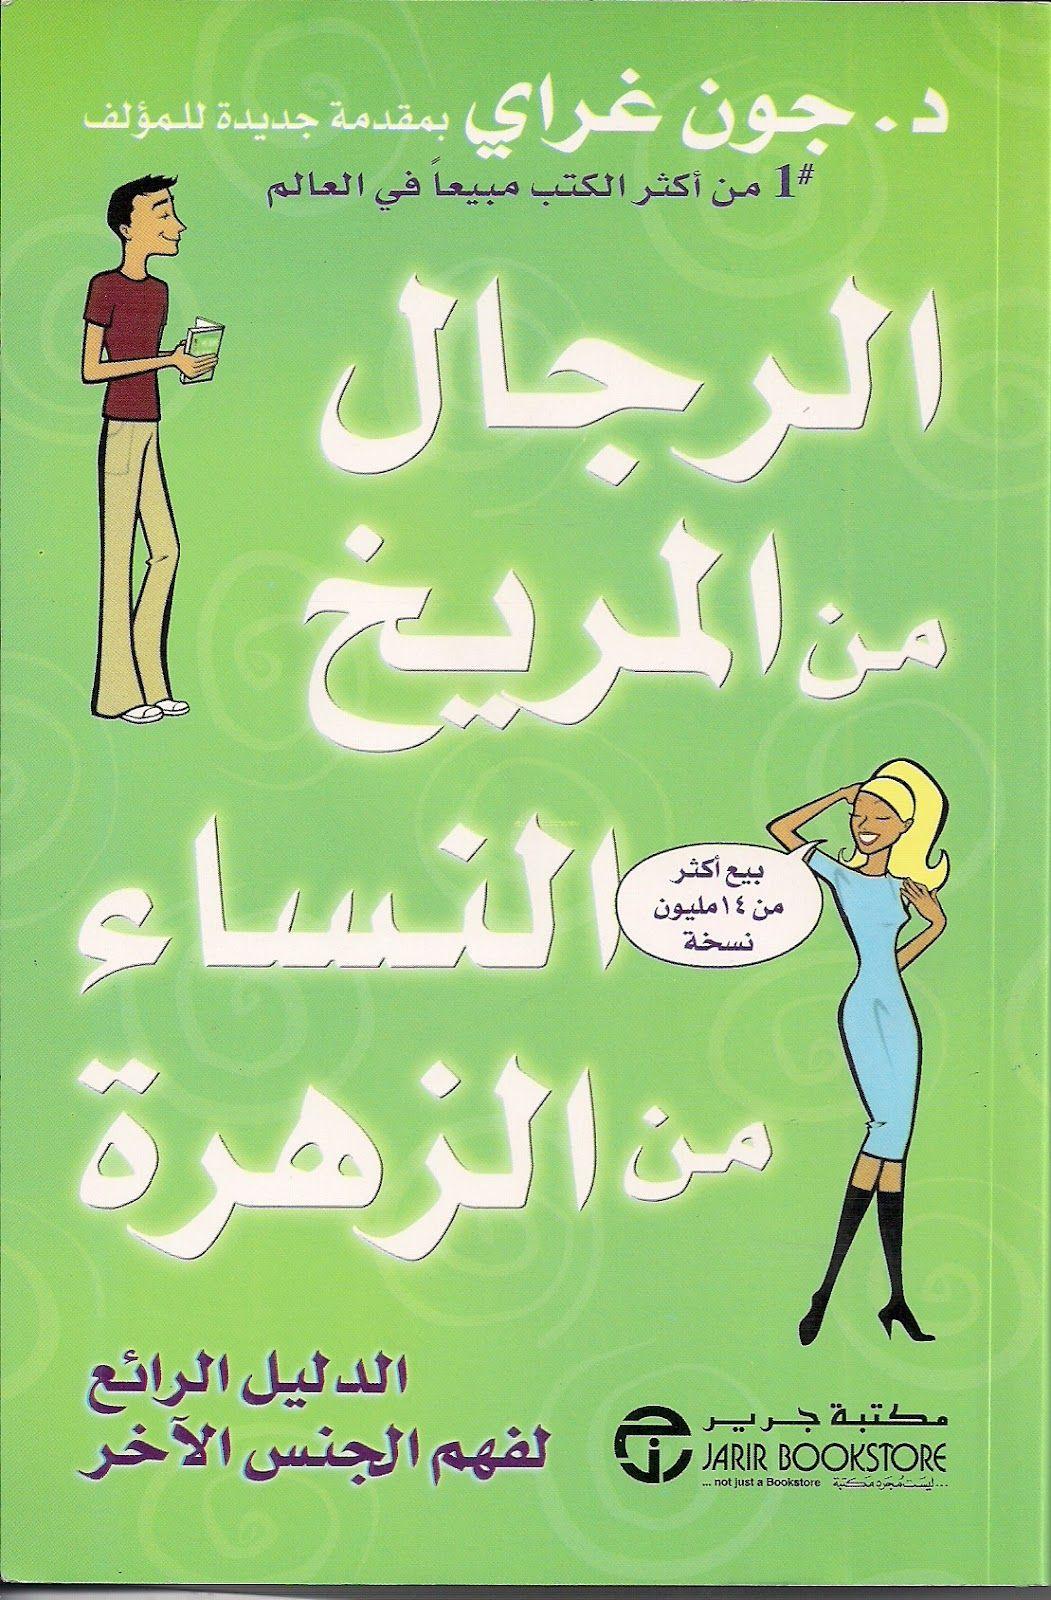 الرجال من المريخ والنساء من الزهرة Ebooks Free Books Book Club Books Good Books